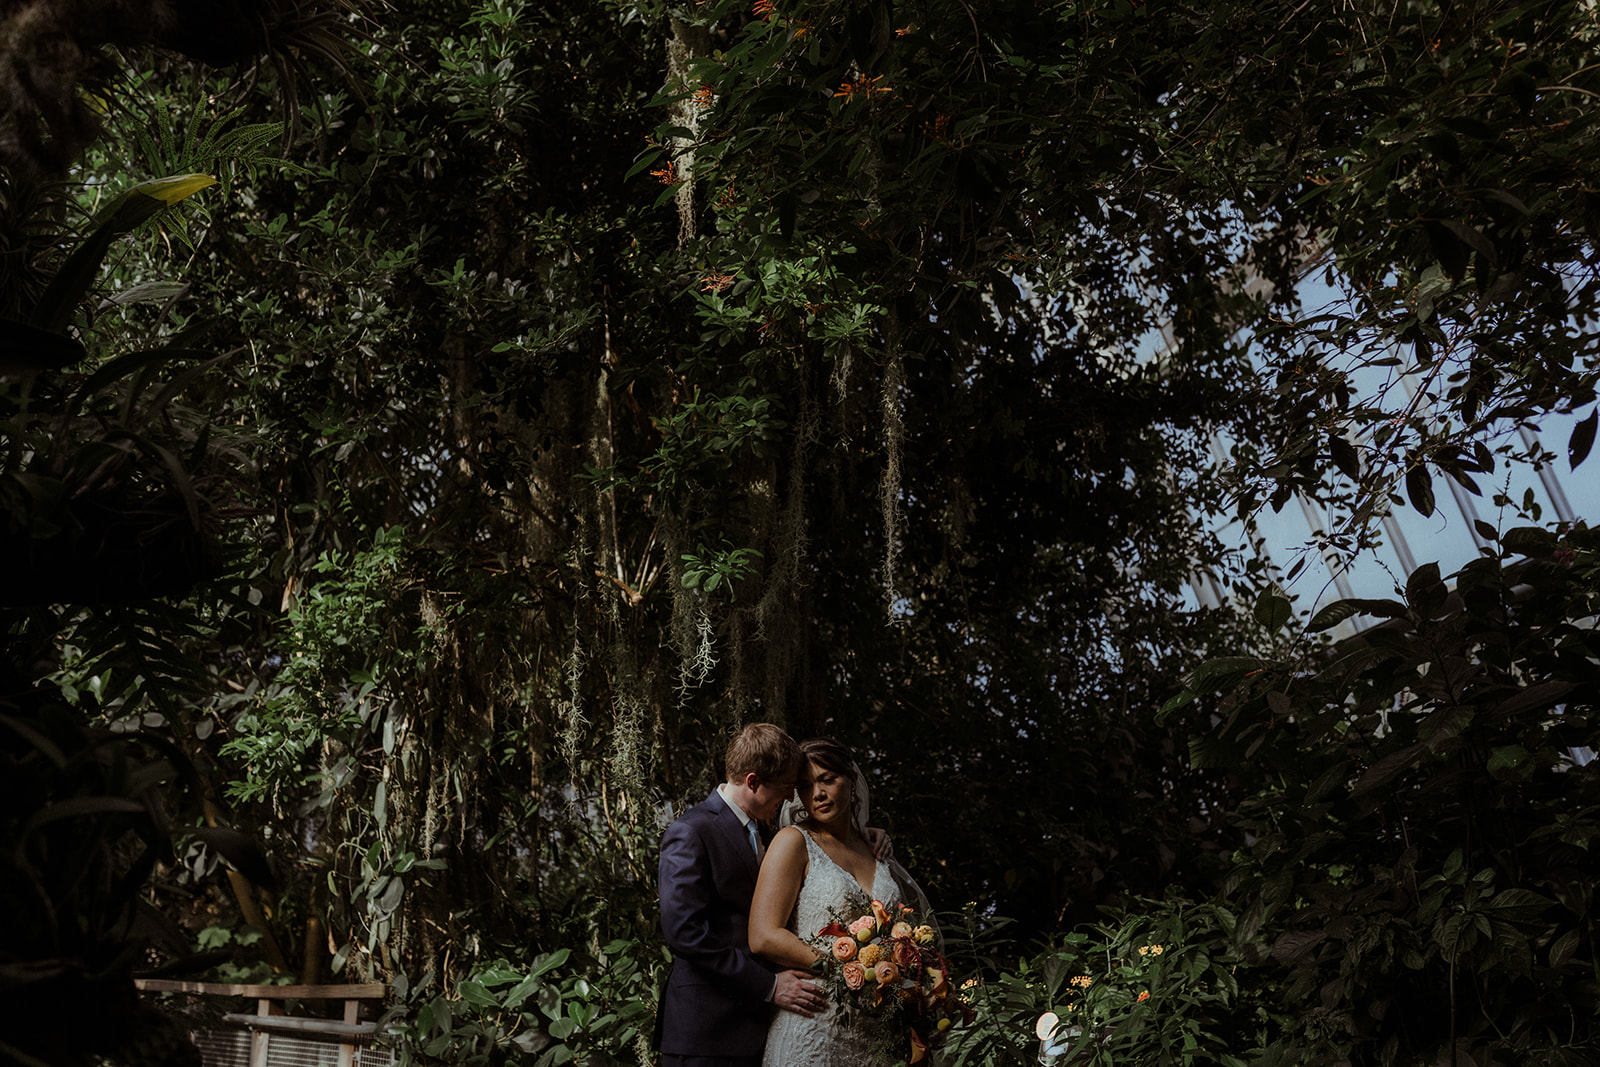 cleveland botanical garden wedding - chris + katie 139